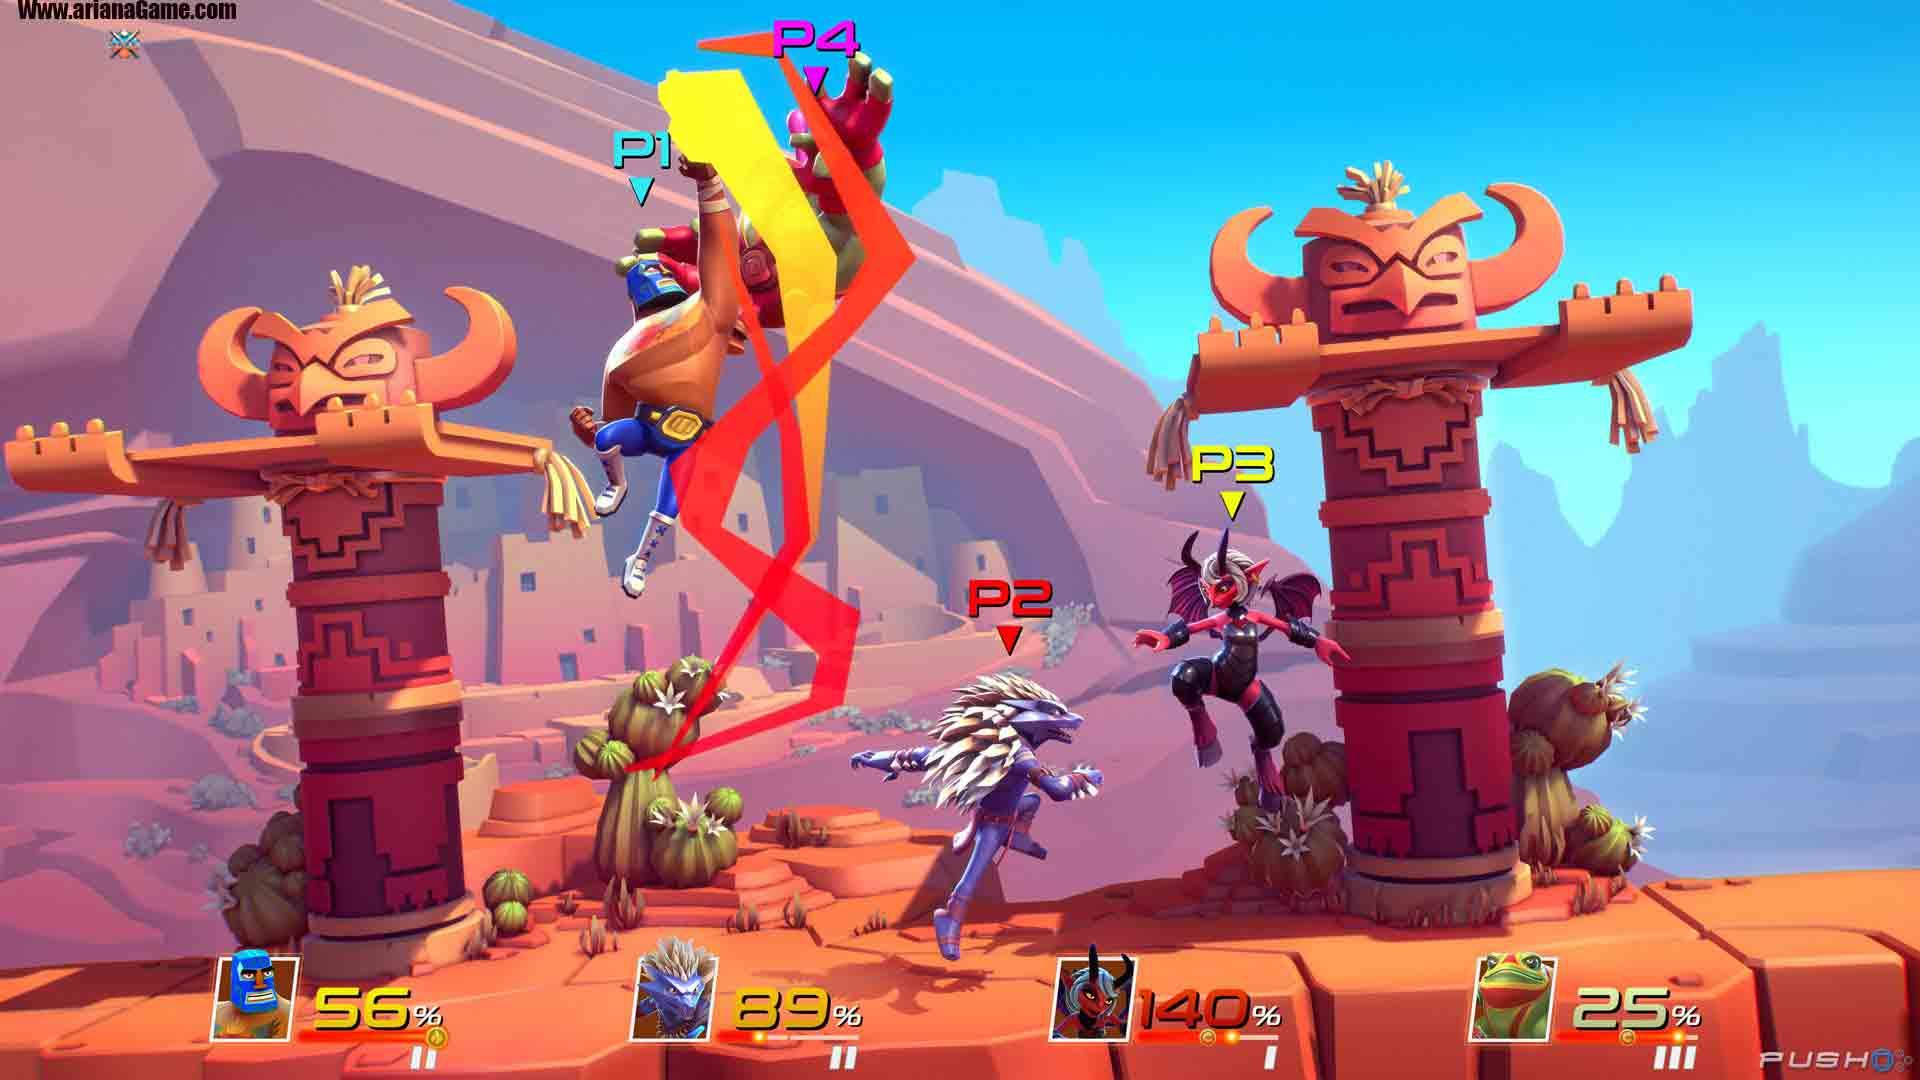 خرید بازی Super Smash Bros Ultimate